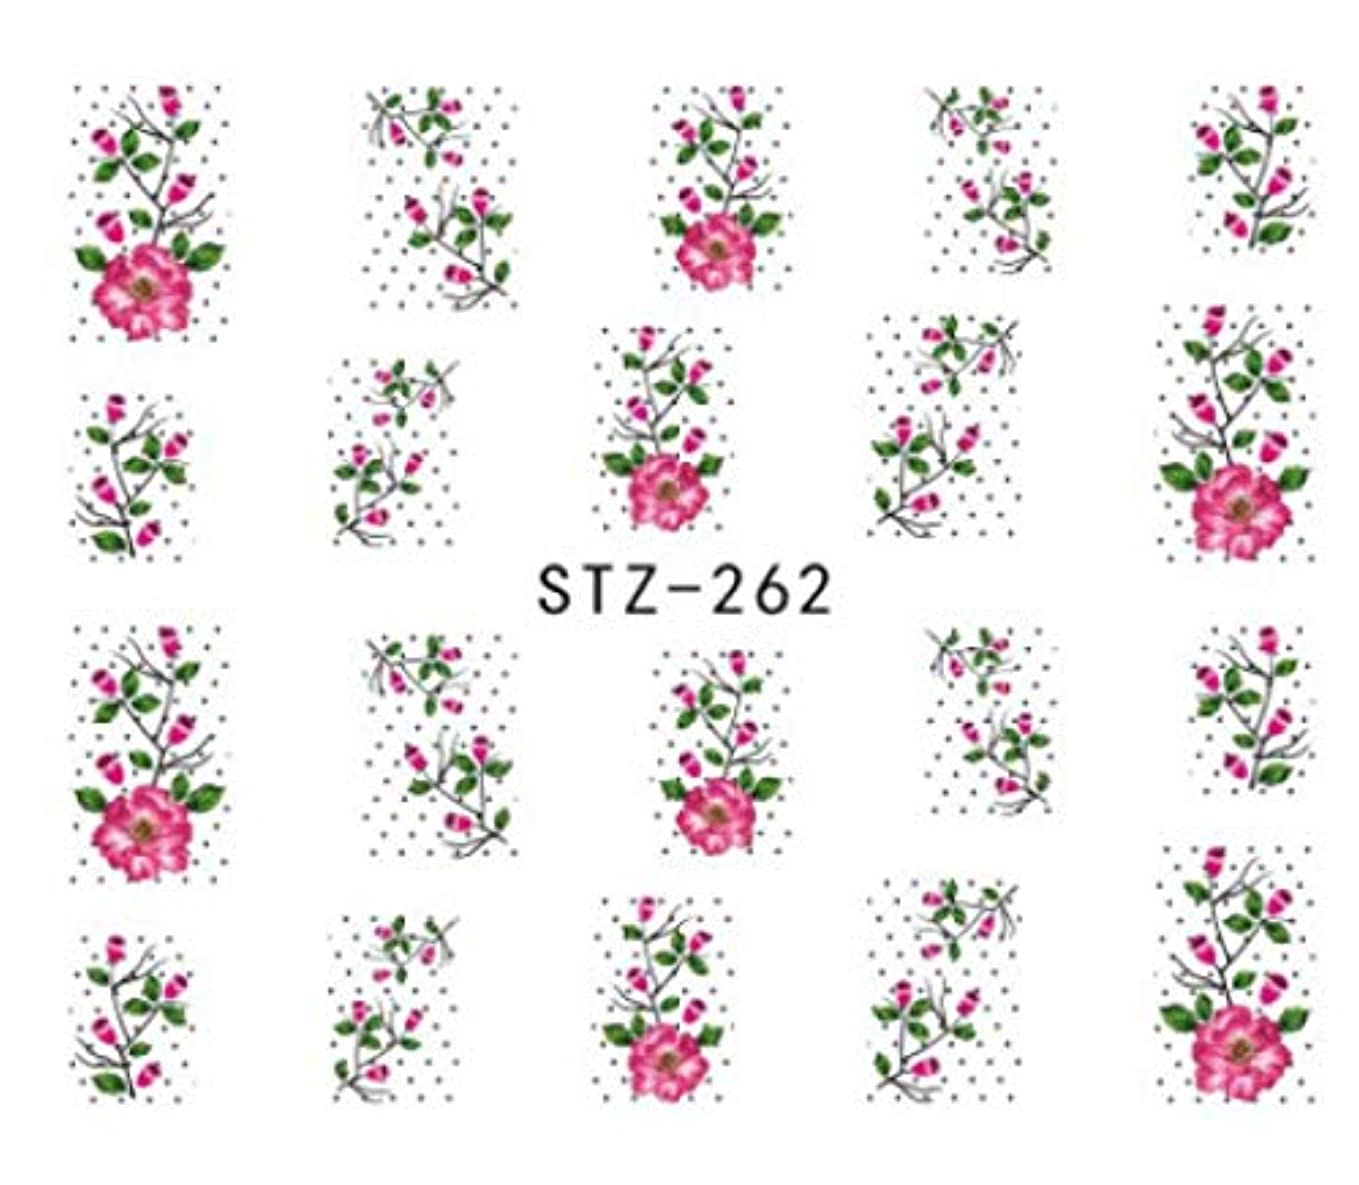 マーガレットミッチェルあえて処方SUKTI&XIAO ネイルステッカー 1枚美しいダンスガールネイルアートチャーム透かしデカールネイルアートステッカー新しいポーランドの装飾、Stz262